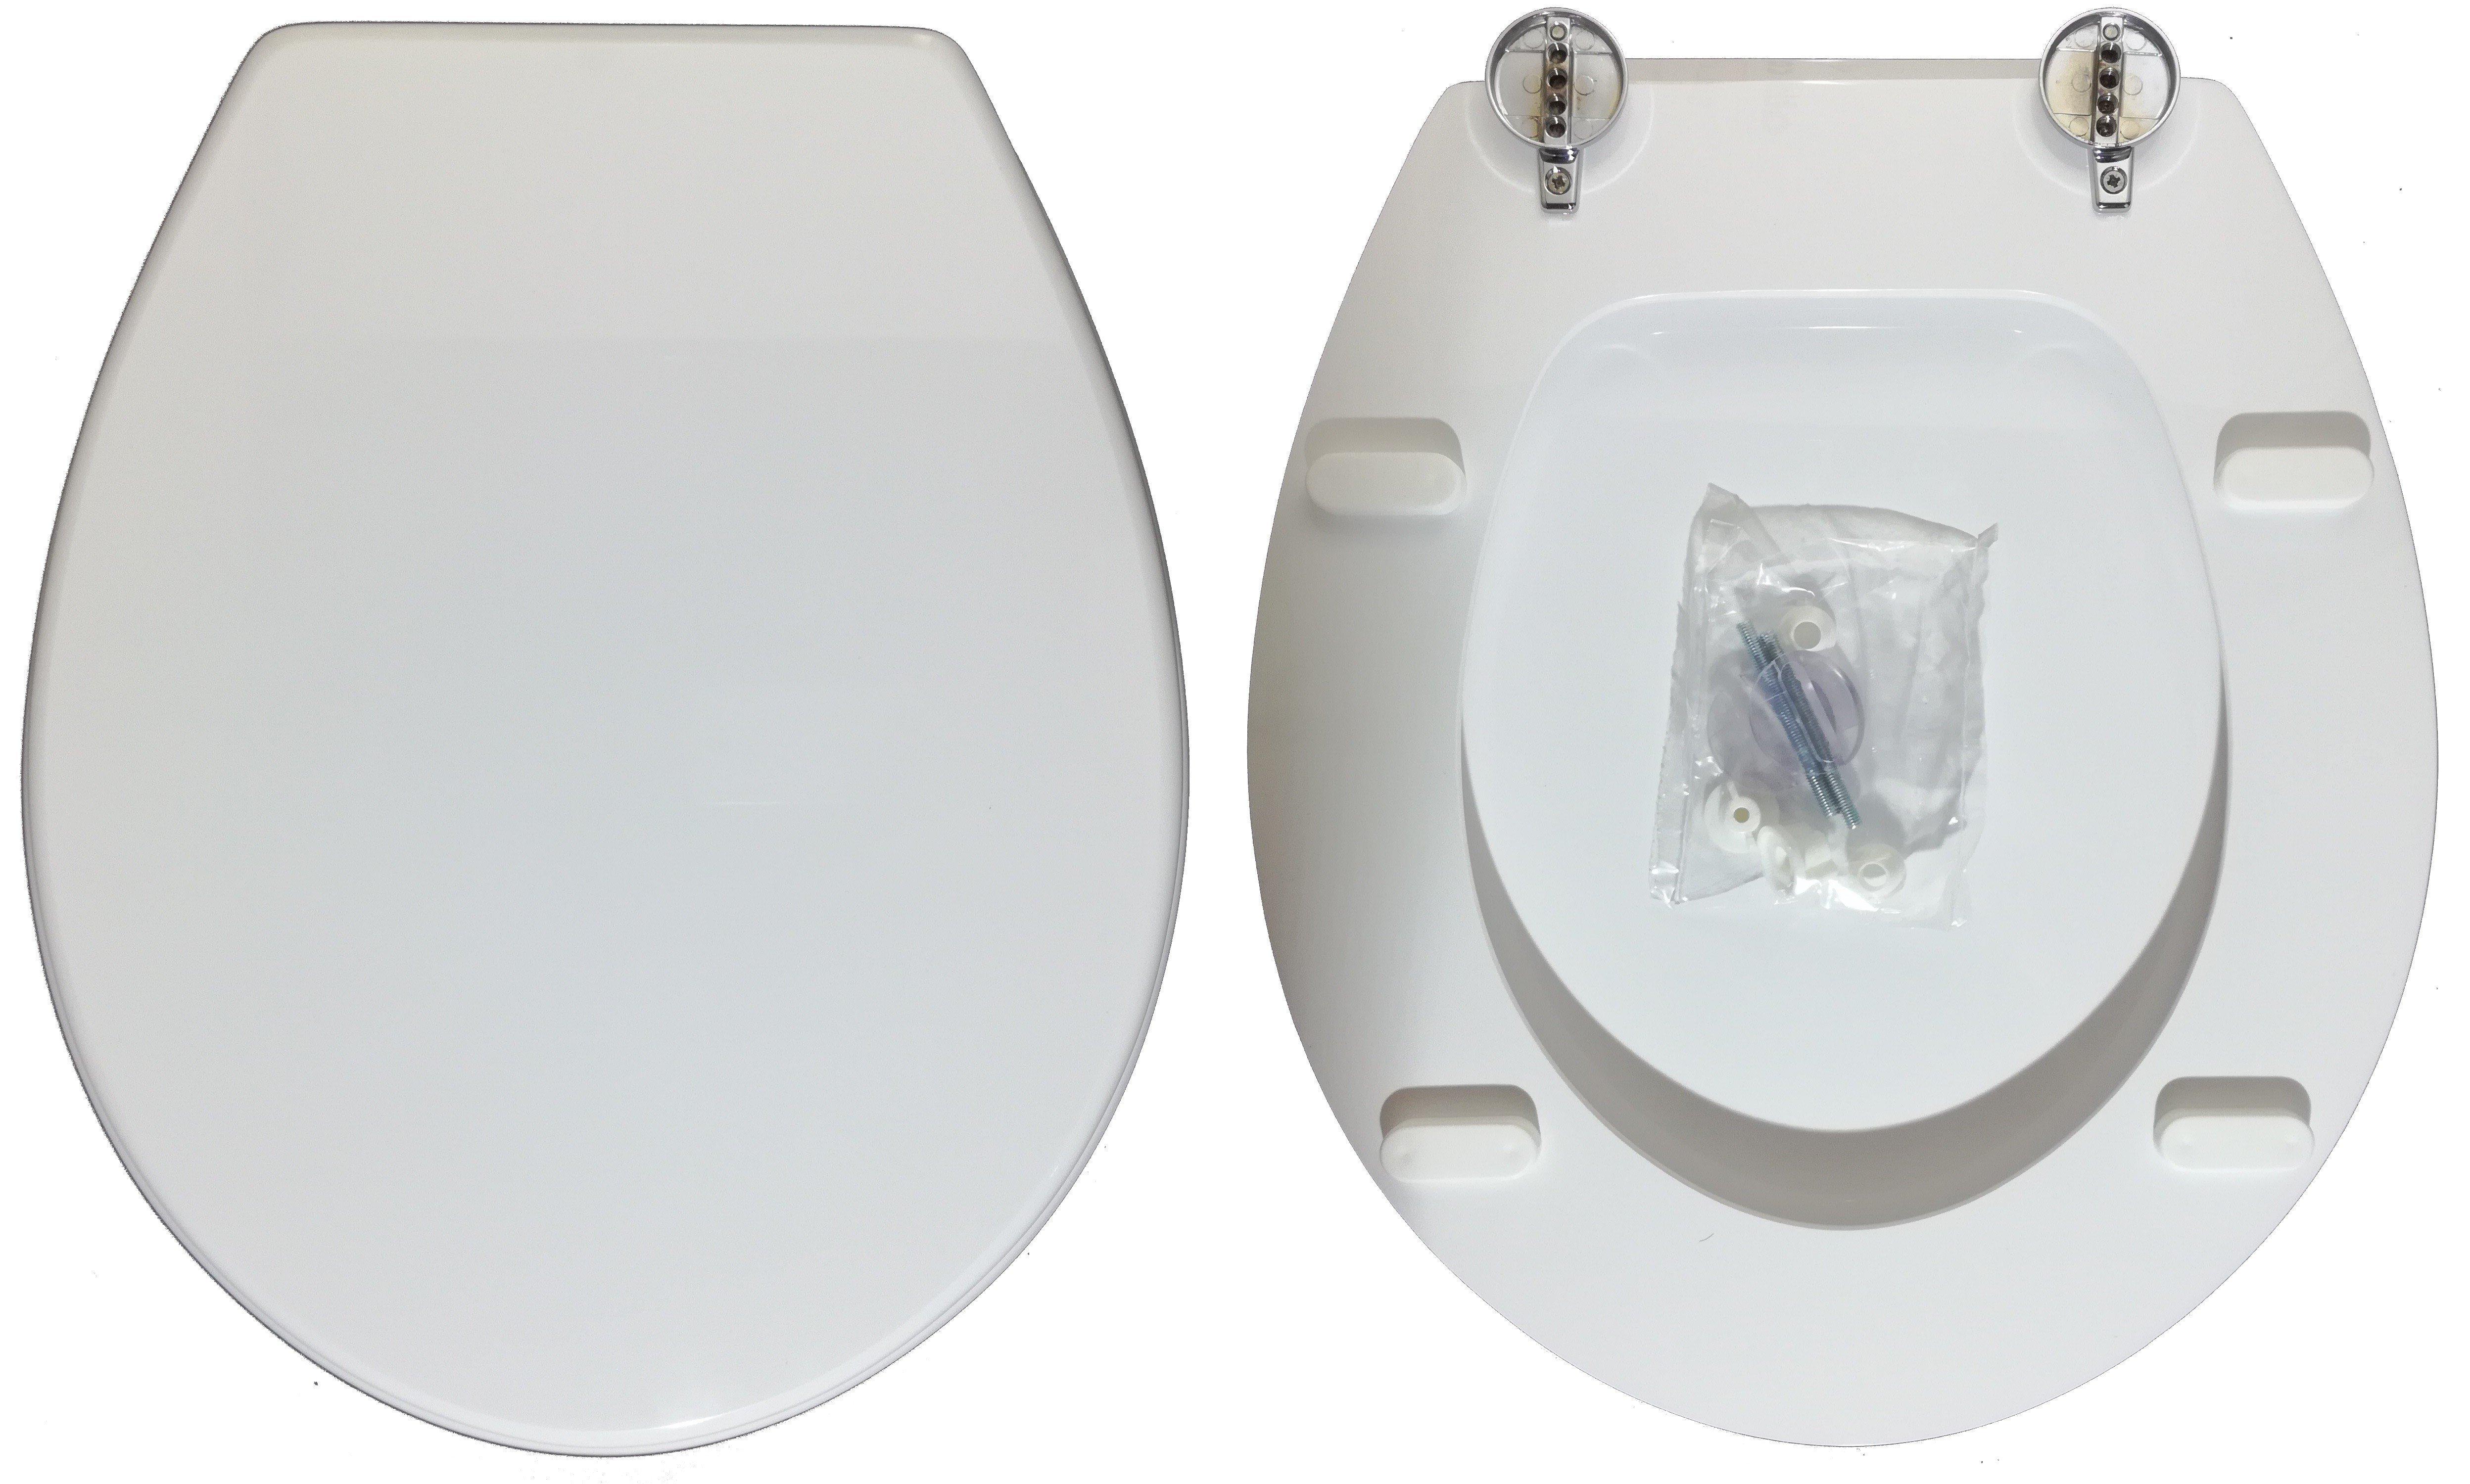 Sedili Wc Per Disabili : Sedile wc copriwater per vaso g.s.g. roma legno poliestere tavoletta